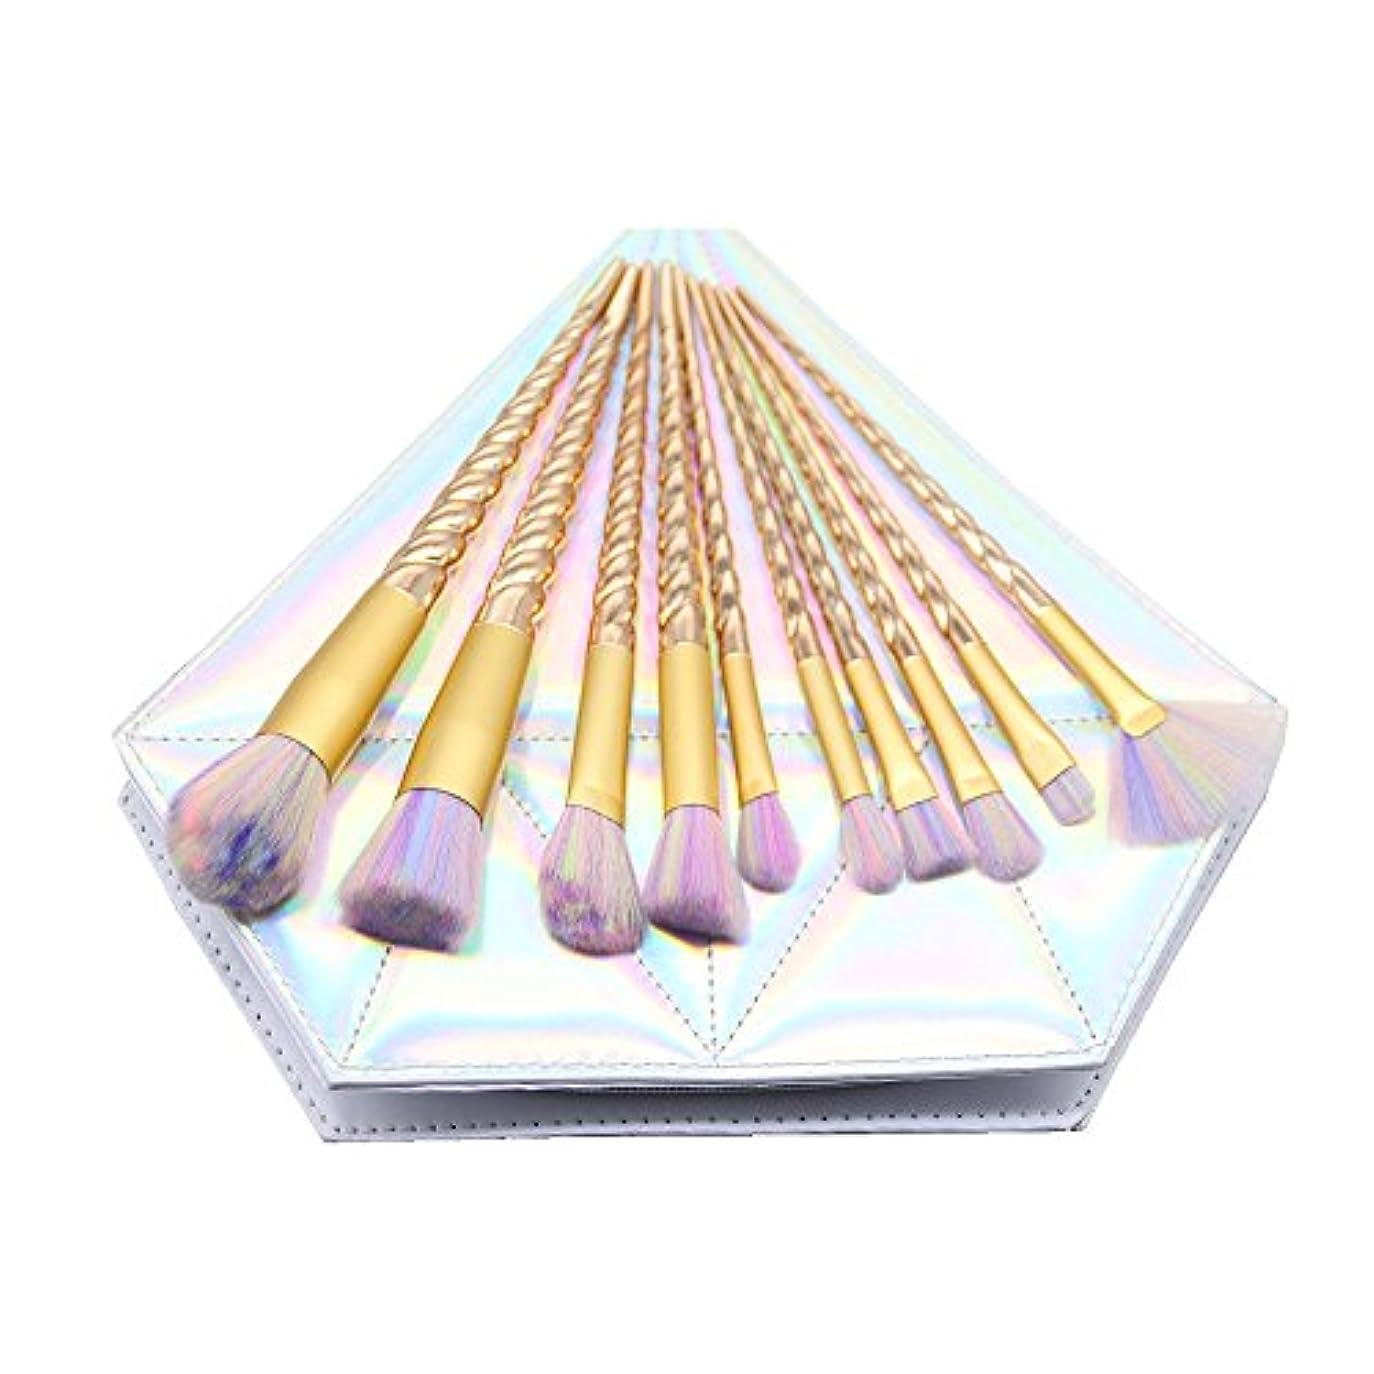 ニュース悪化するウィスキーDilla Beauty メイクブラシセット 10本セット ユニコーンデザイン プラスチックハンドル 合成毛 ファンデーションブラシ アイシャドーブラッシャー 美容ツール 化粧品のバッグ付き